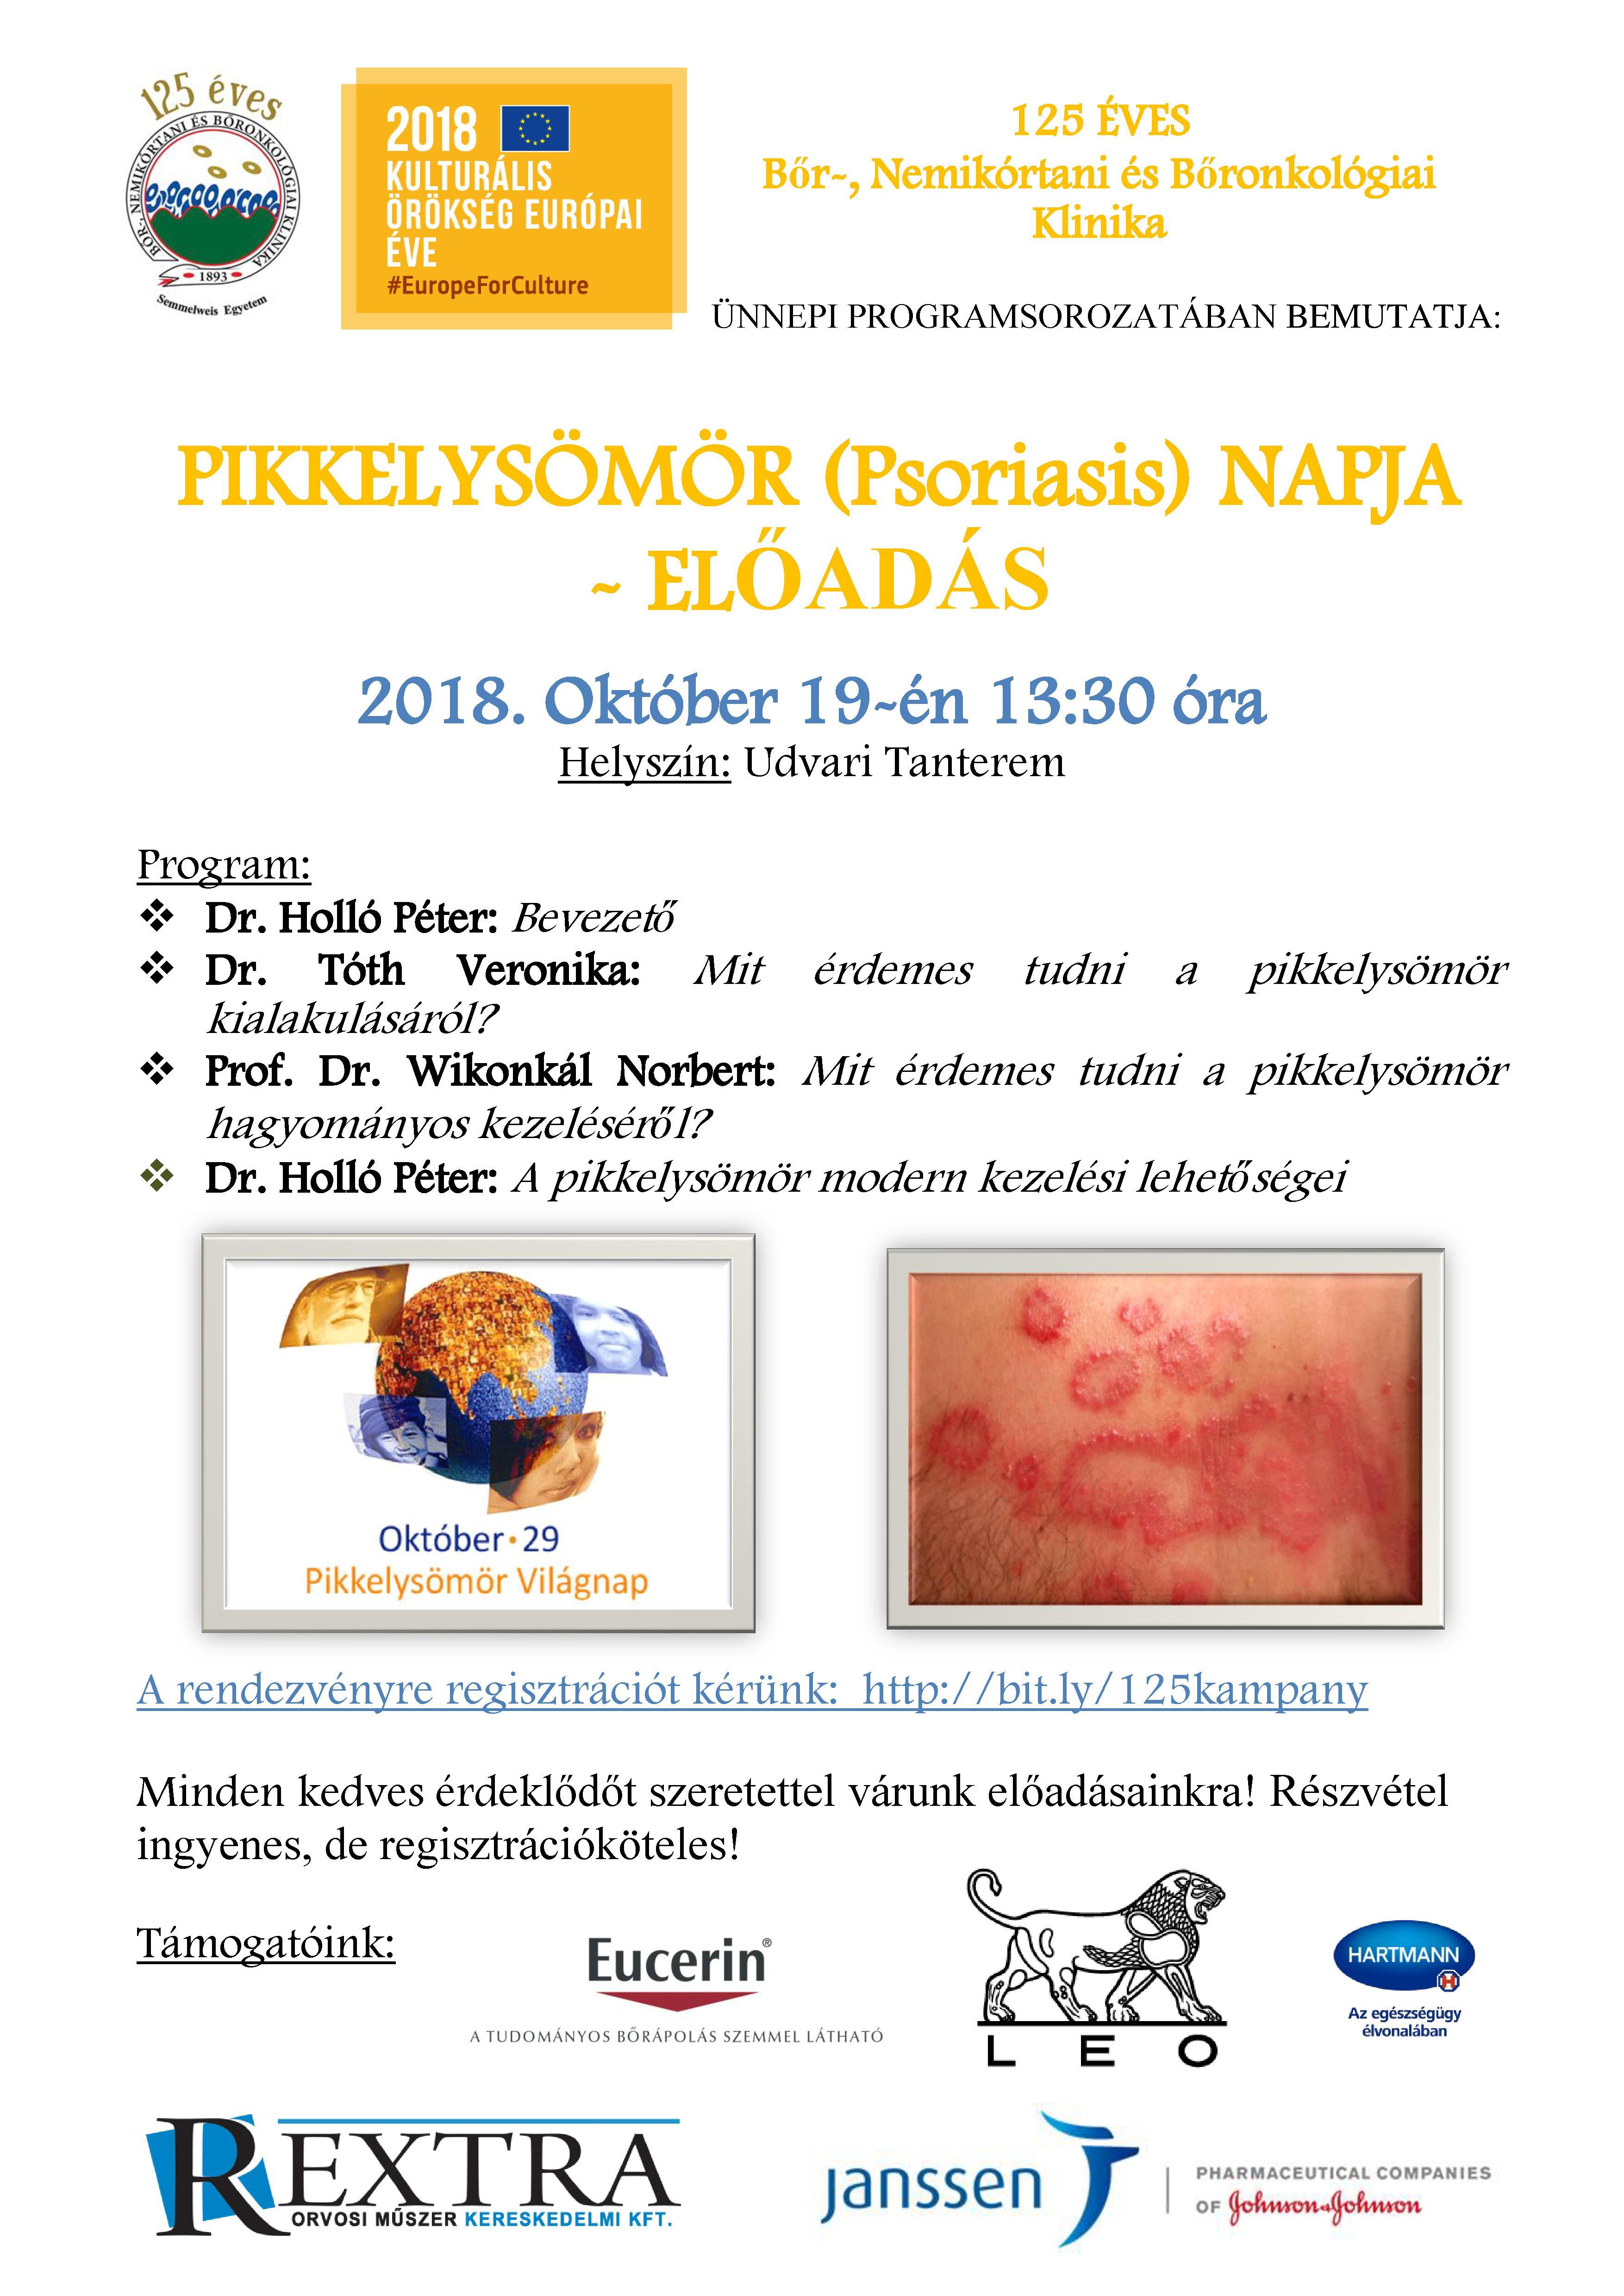 Pikkelysömör (Psoriasis) napja – előadás | Bőr-, Nemikórtani és Bőronkológiai Klinika